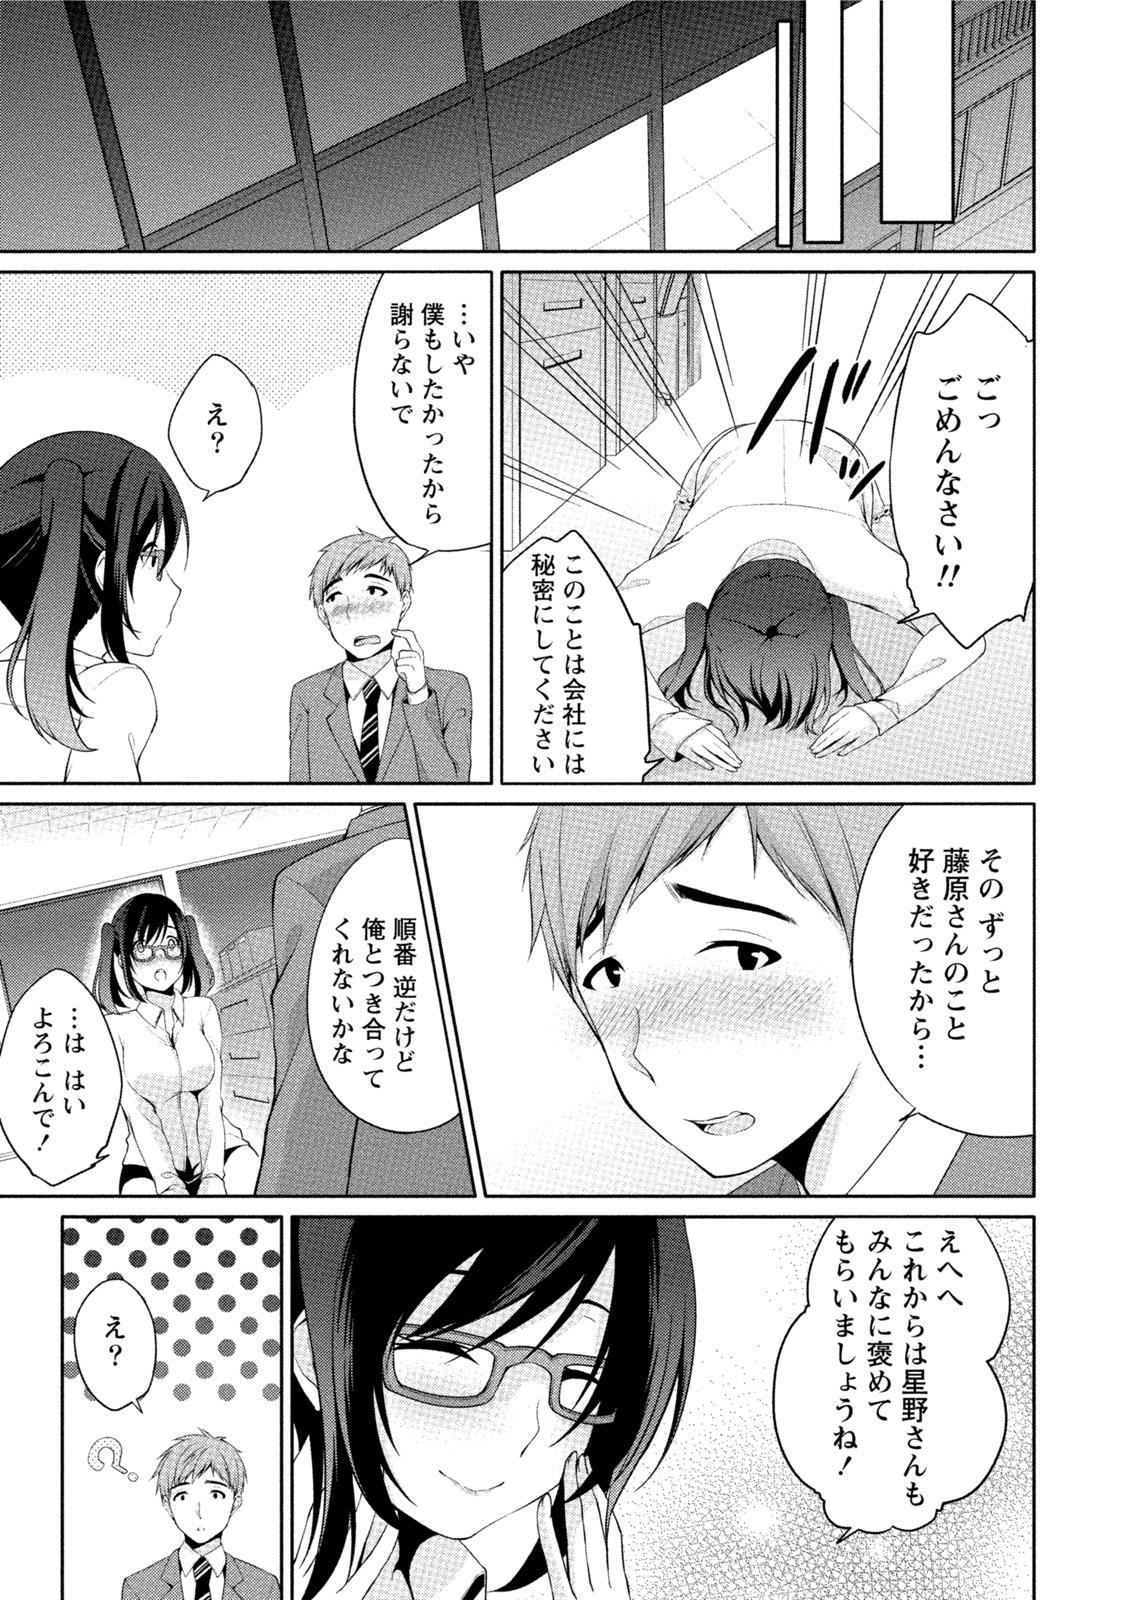 Ecchi na Watashi ja Dame desu ka? 41